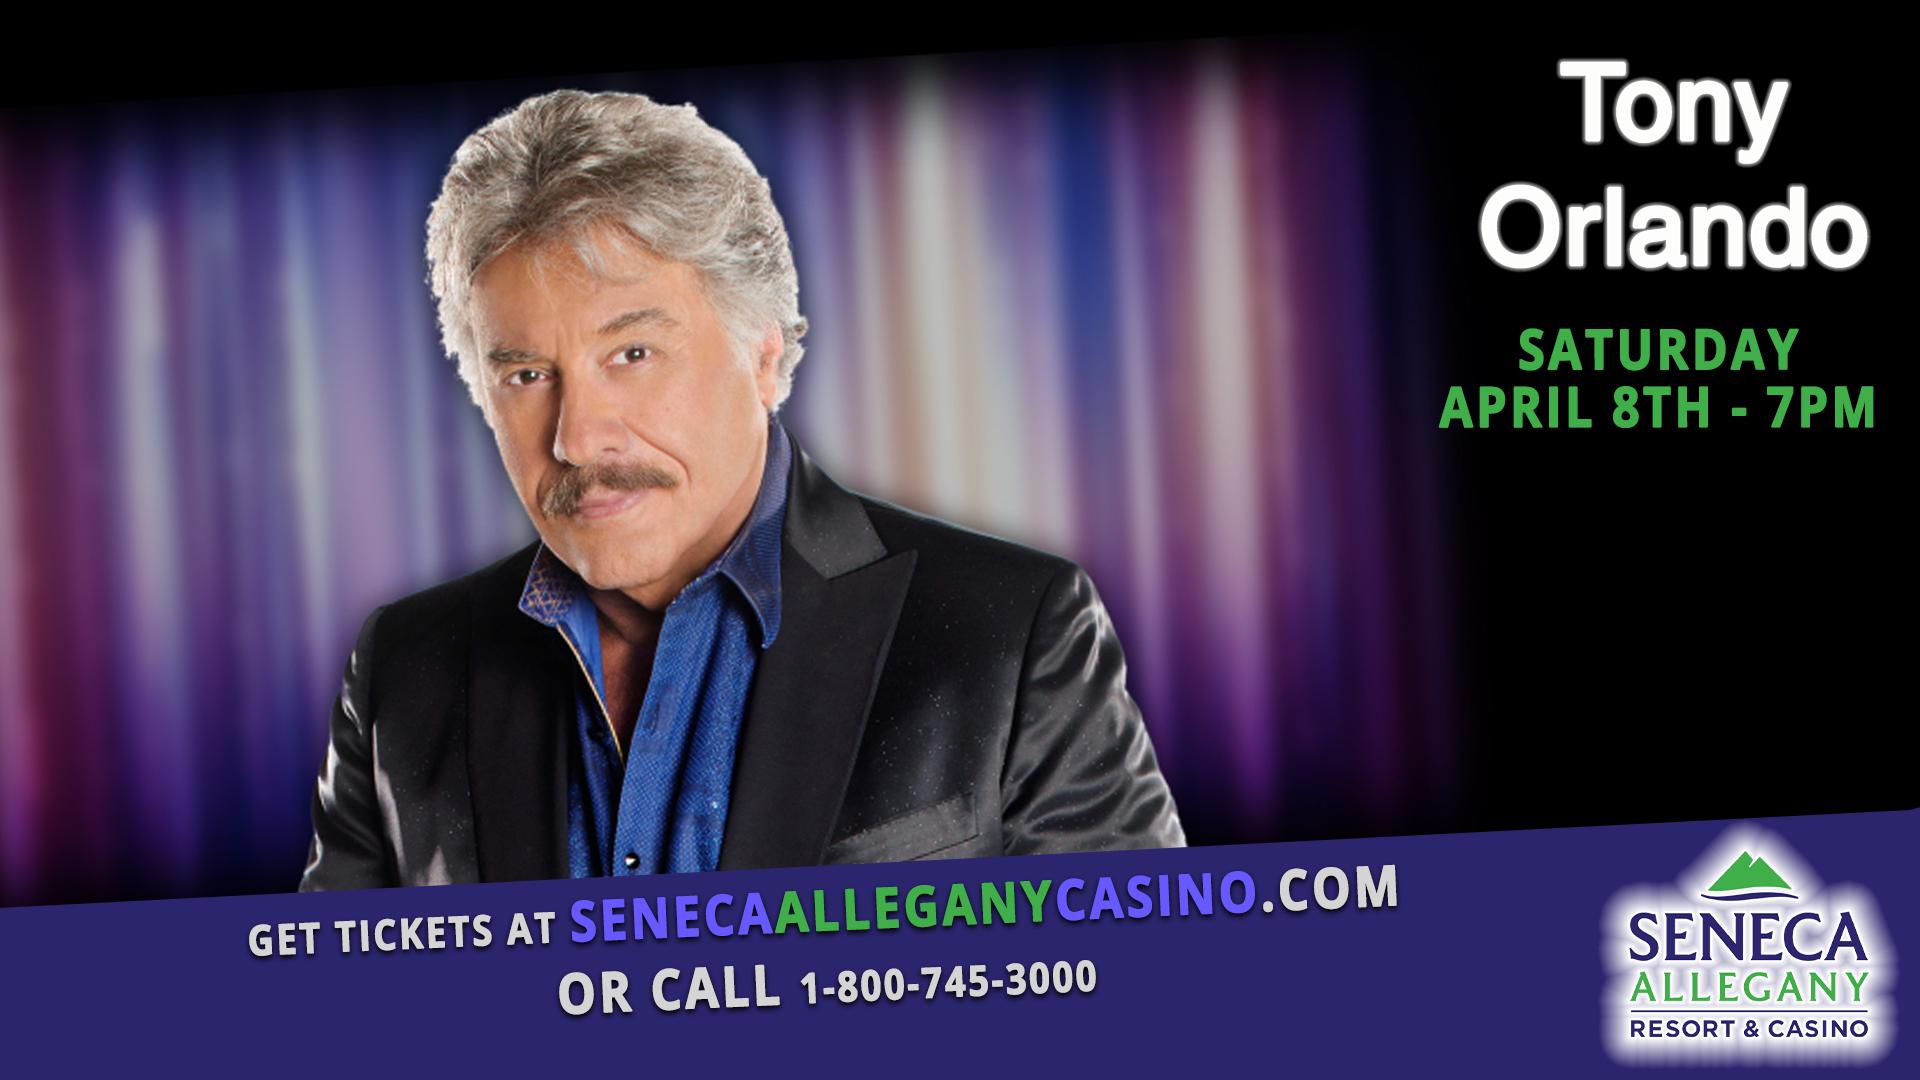 Tony Orlando at Seneca Allegany Casino